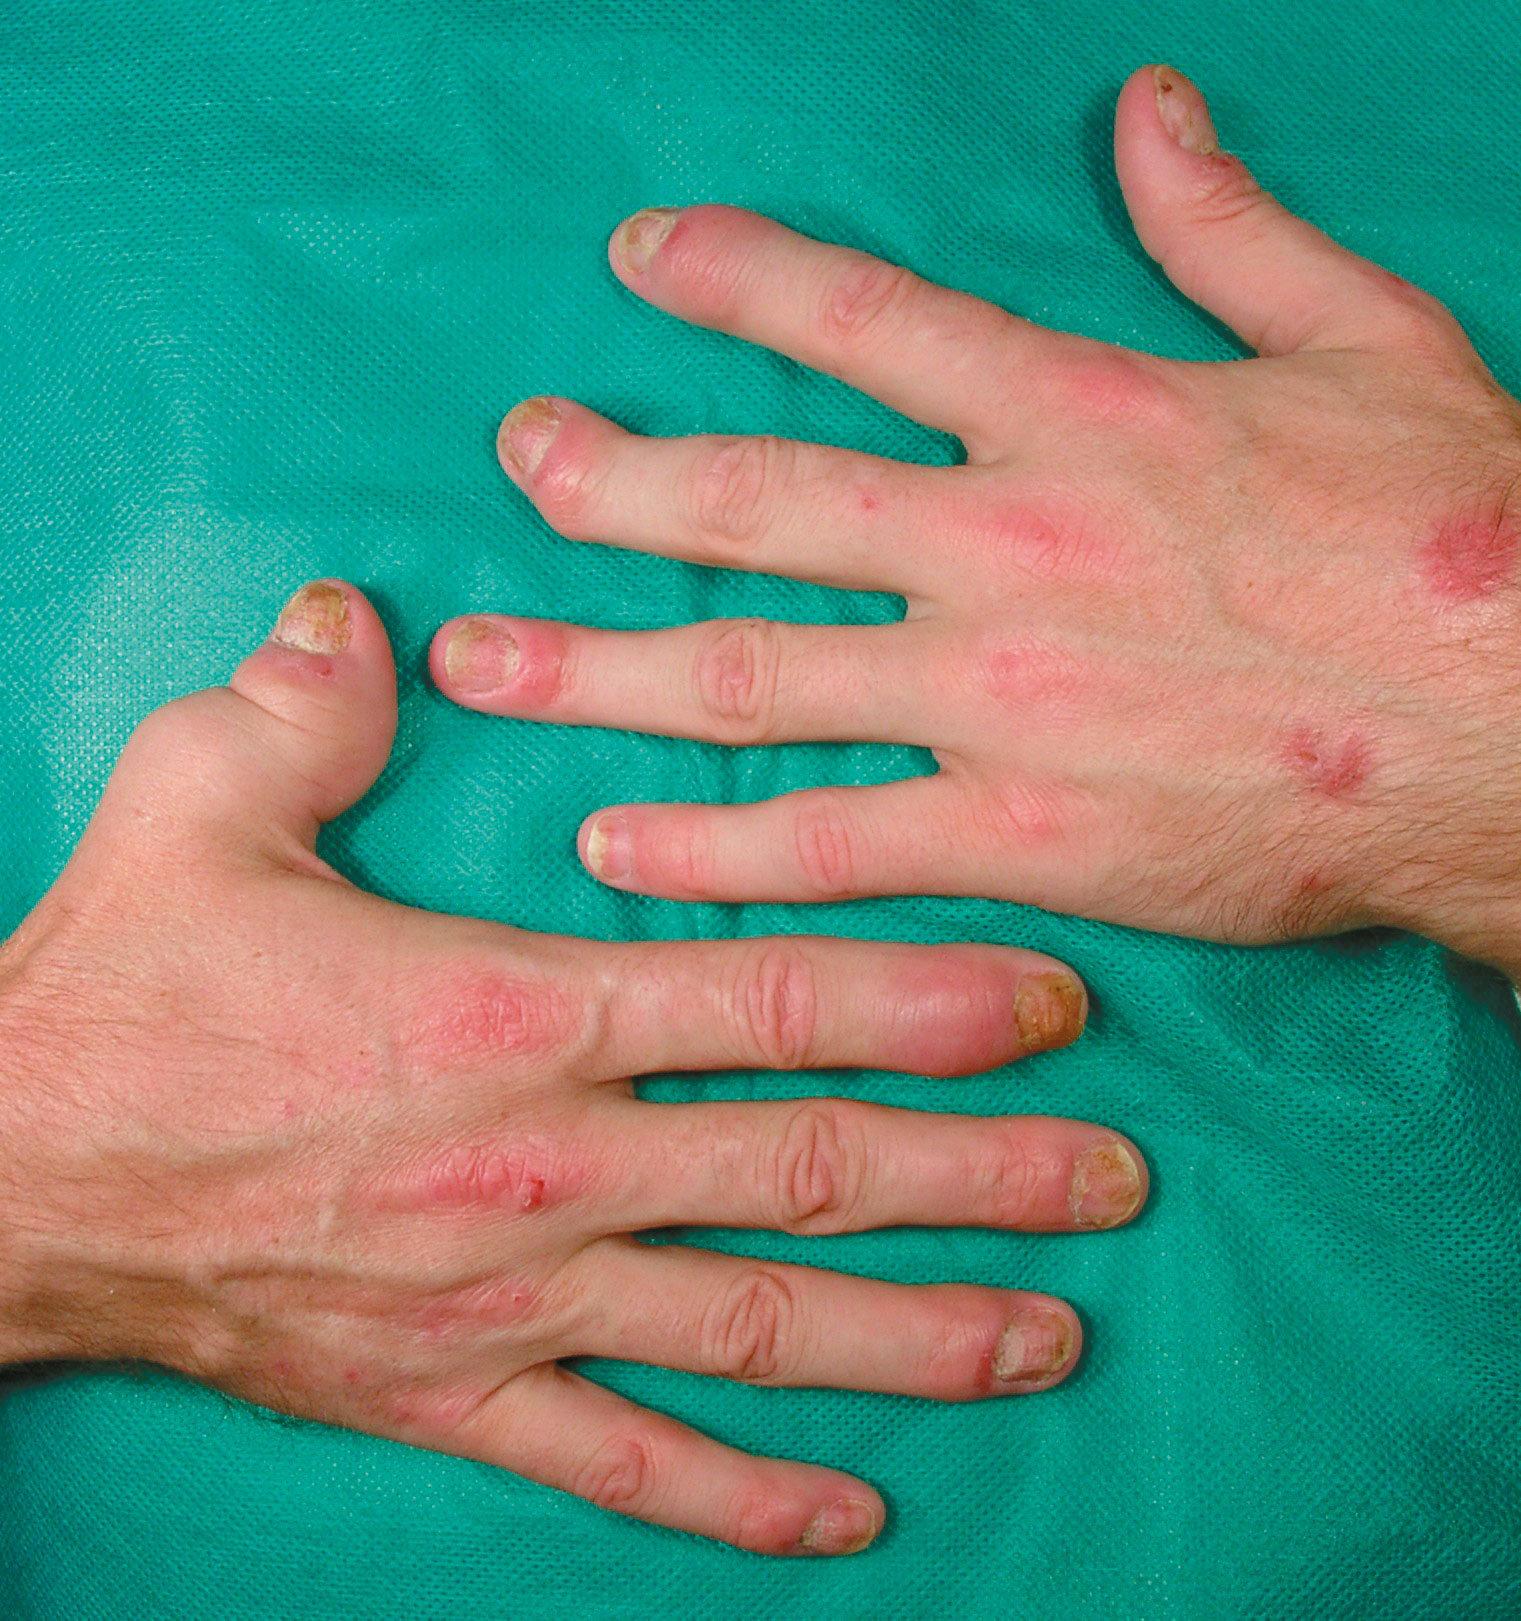 inflamacion de articulaciones de los dedos de las manos